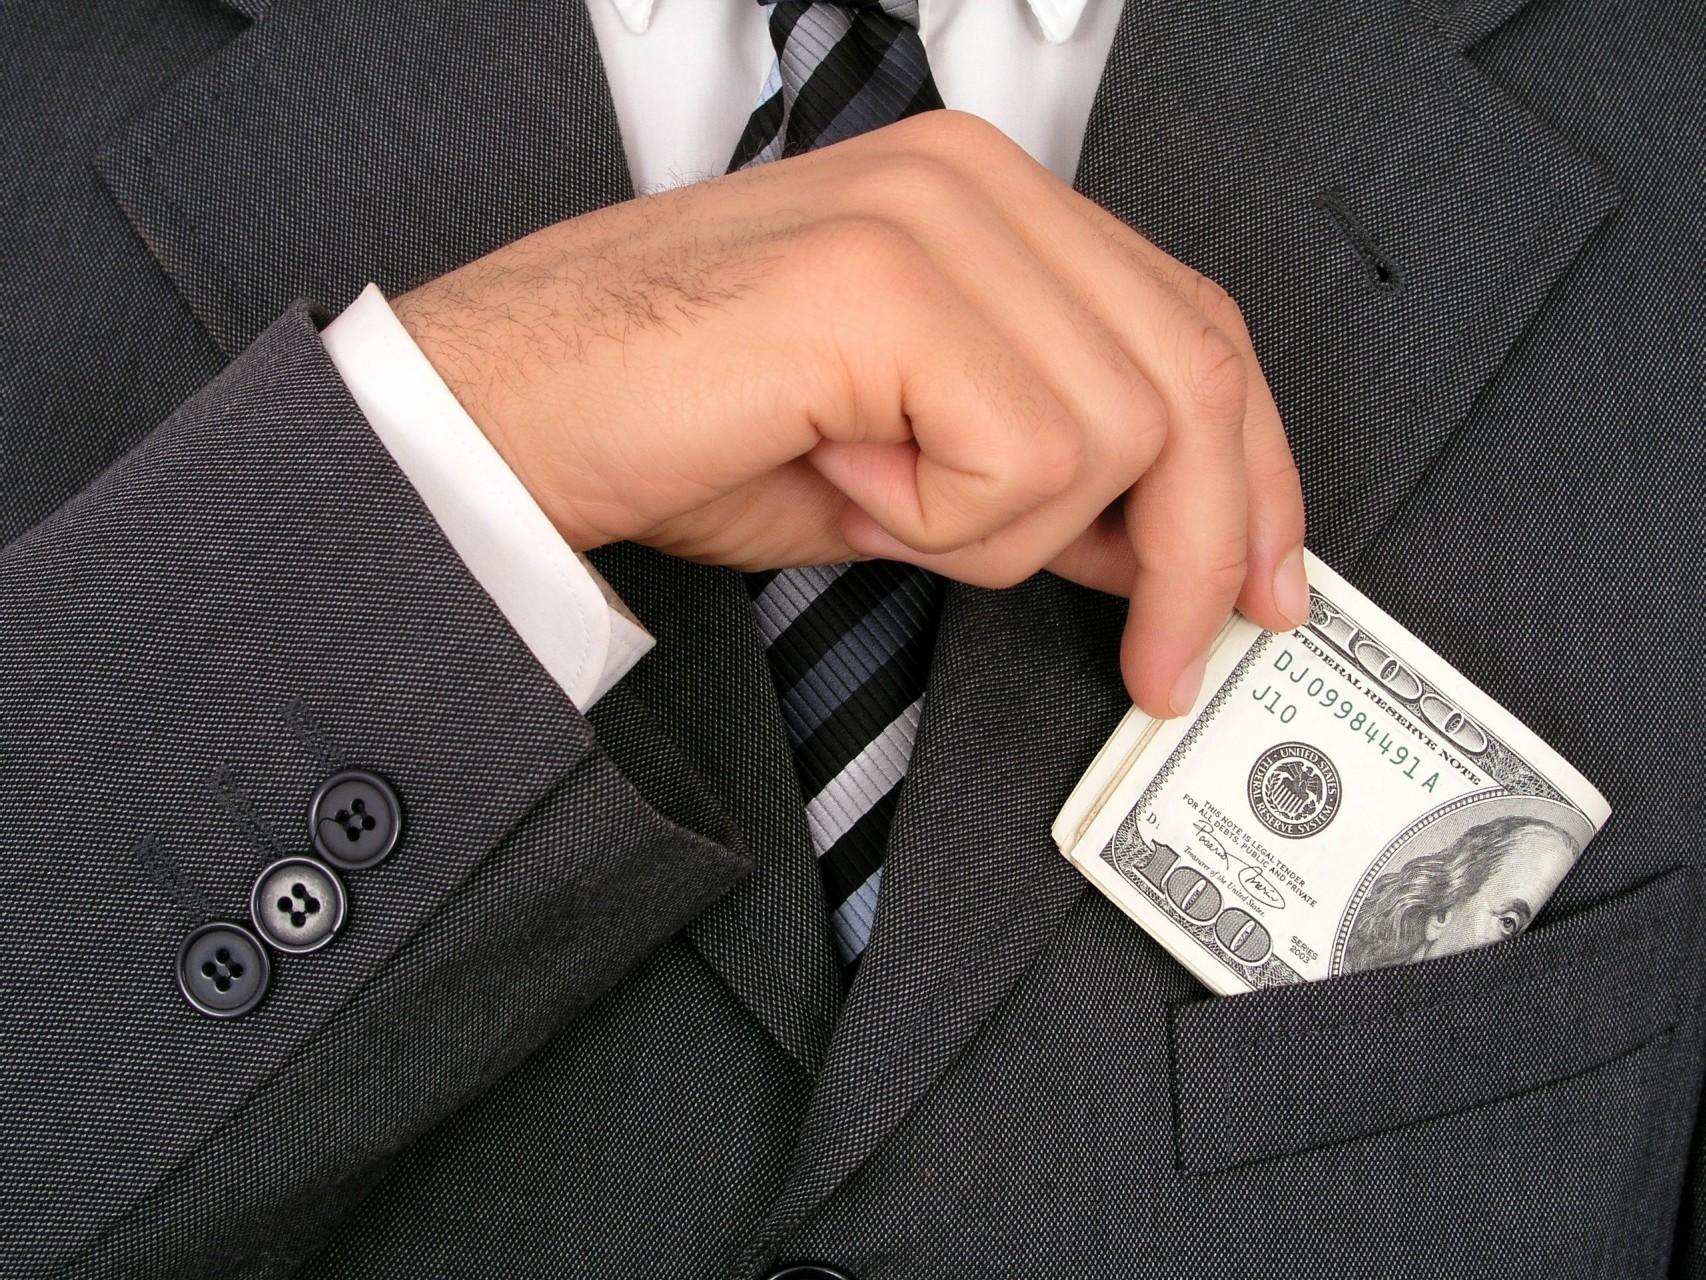 Fisc à votre argent